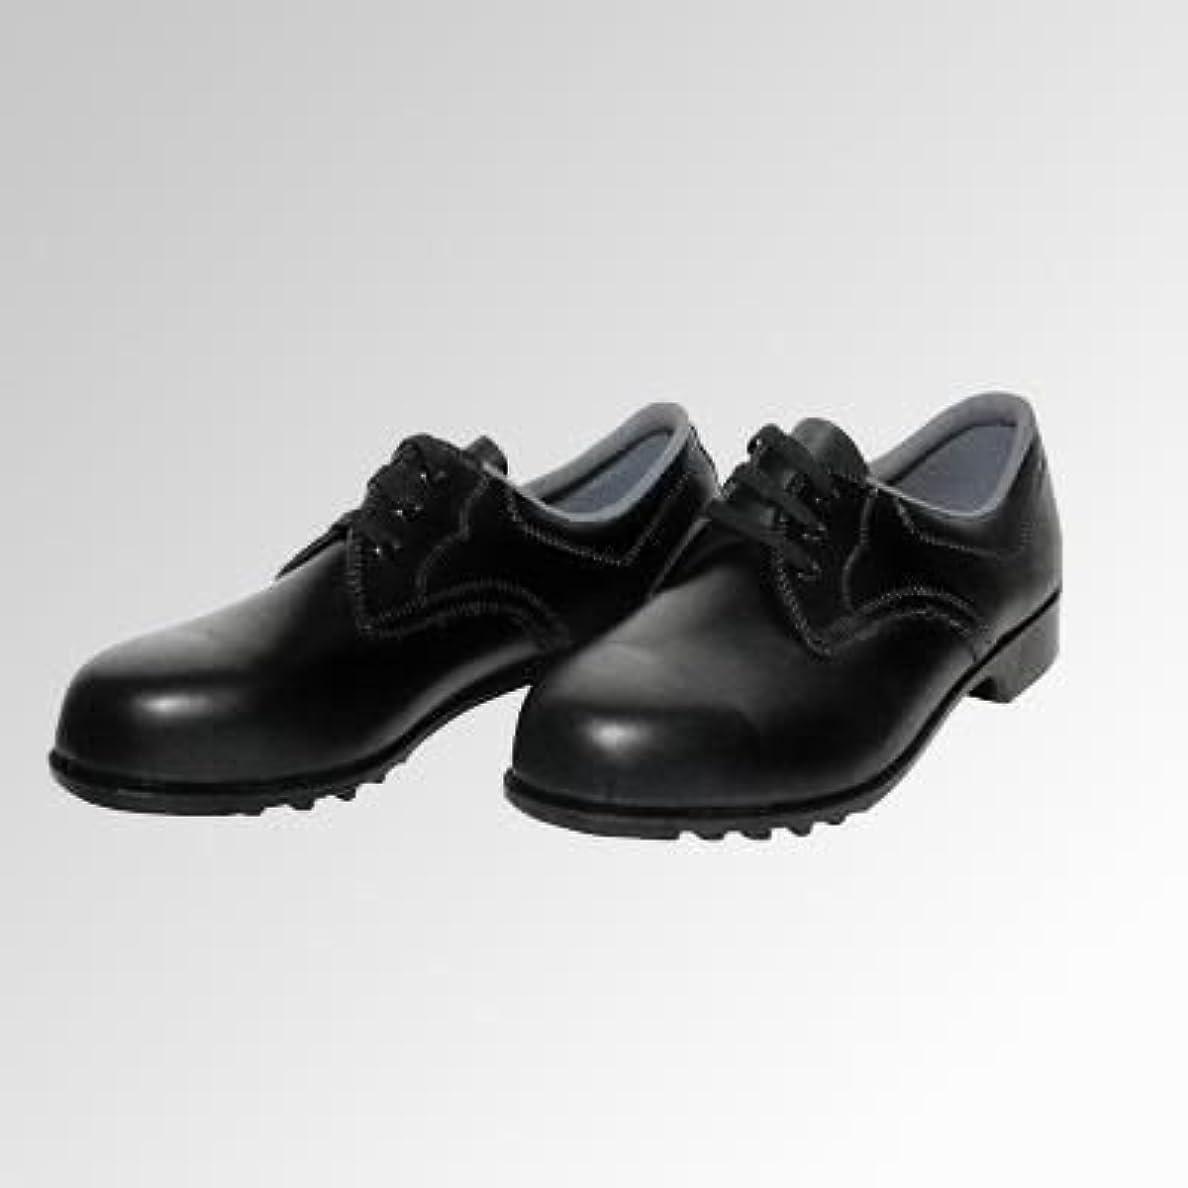 ショット同情肖像画安全?サイン8 安全短靴 ノサックス SC205(ゴムキャップ) ゴムキャップ付安全靴 サイズ:24.5cm